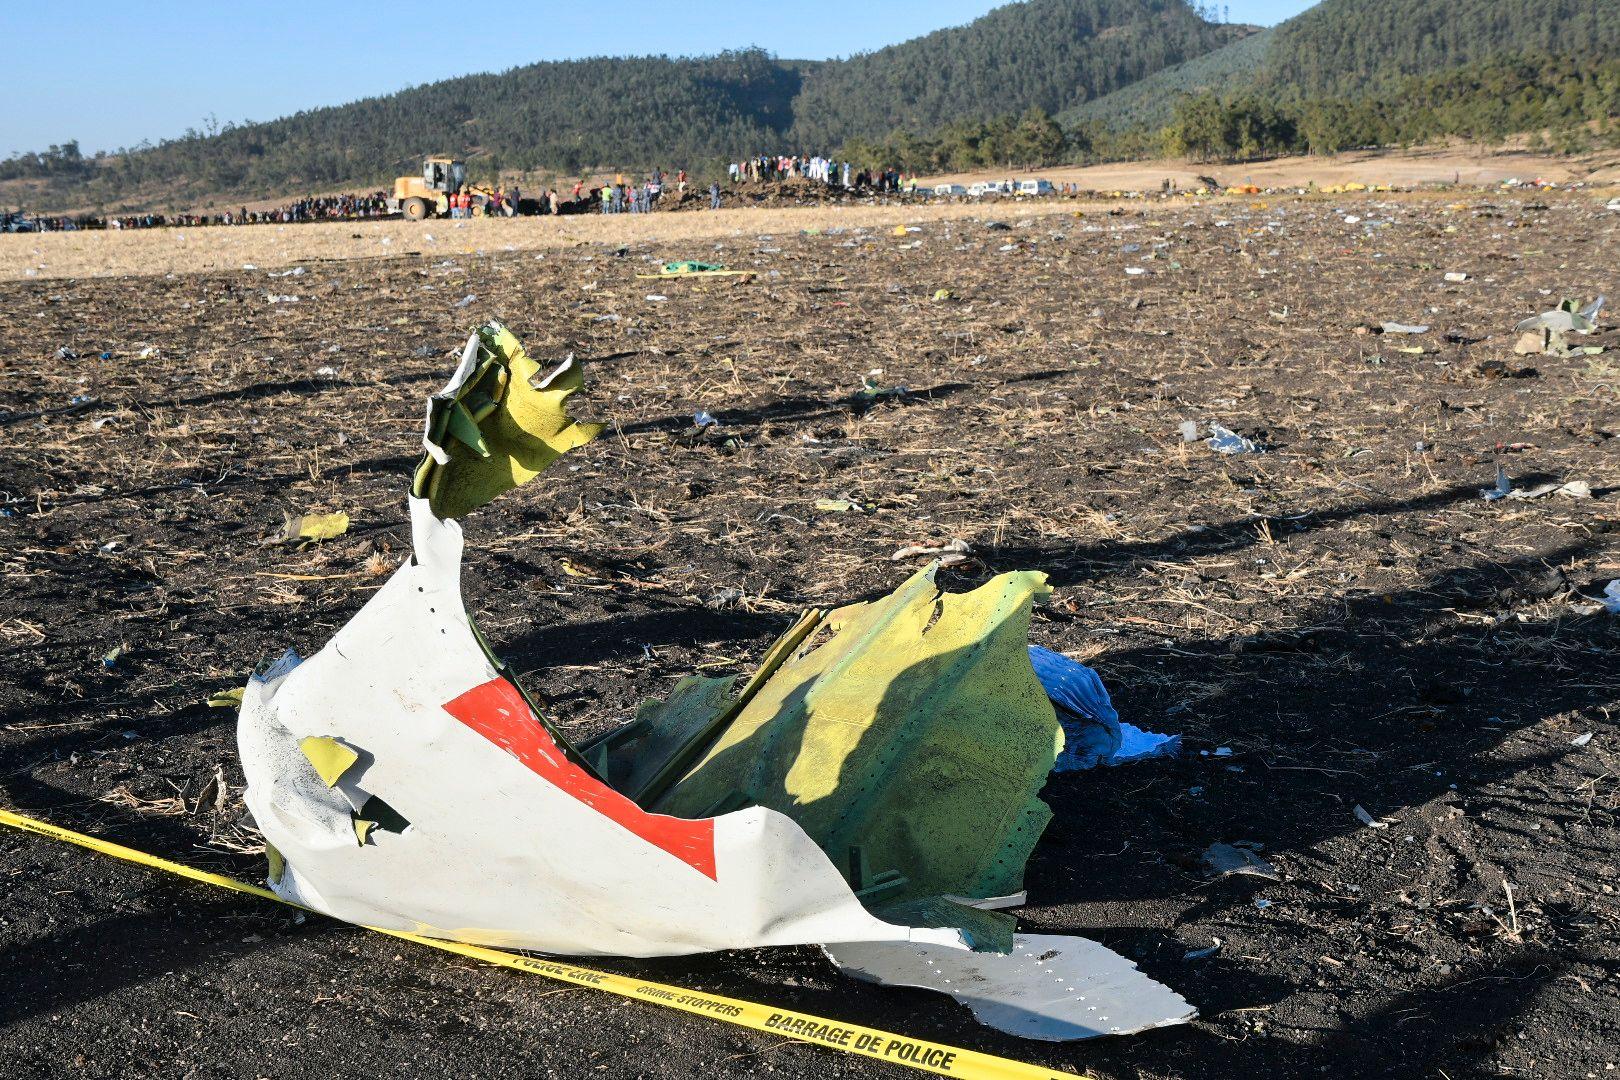 VRAKDELER: Deler fra det styrtede flyet er spredt over et stort område i Bishoftu-området like utenfor lufthavnen i Etiopias hovedstad Addis Abeba.